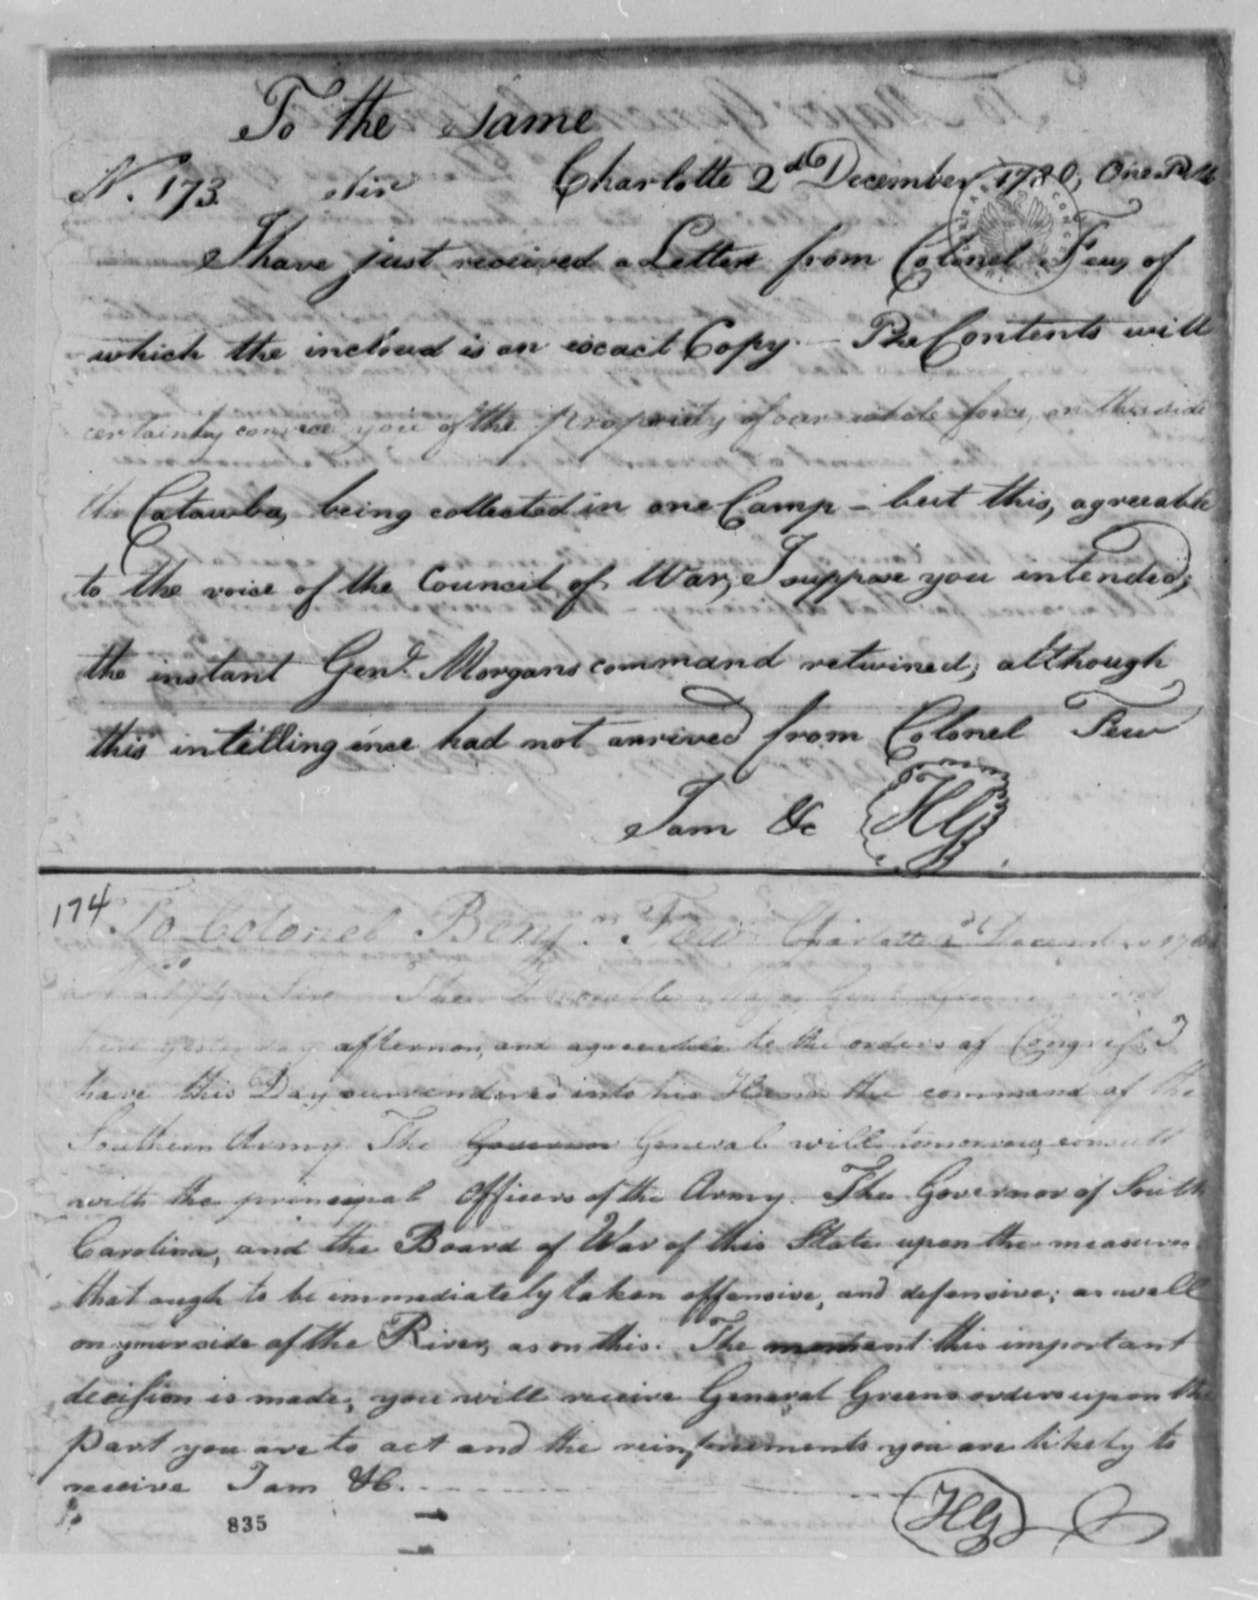 Horatio Gates to William Smallwood, December 2, 1780